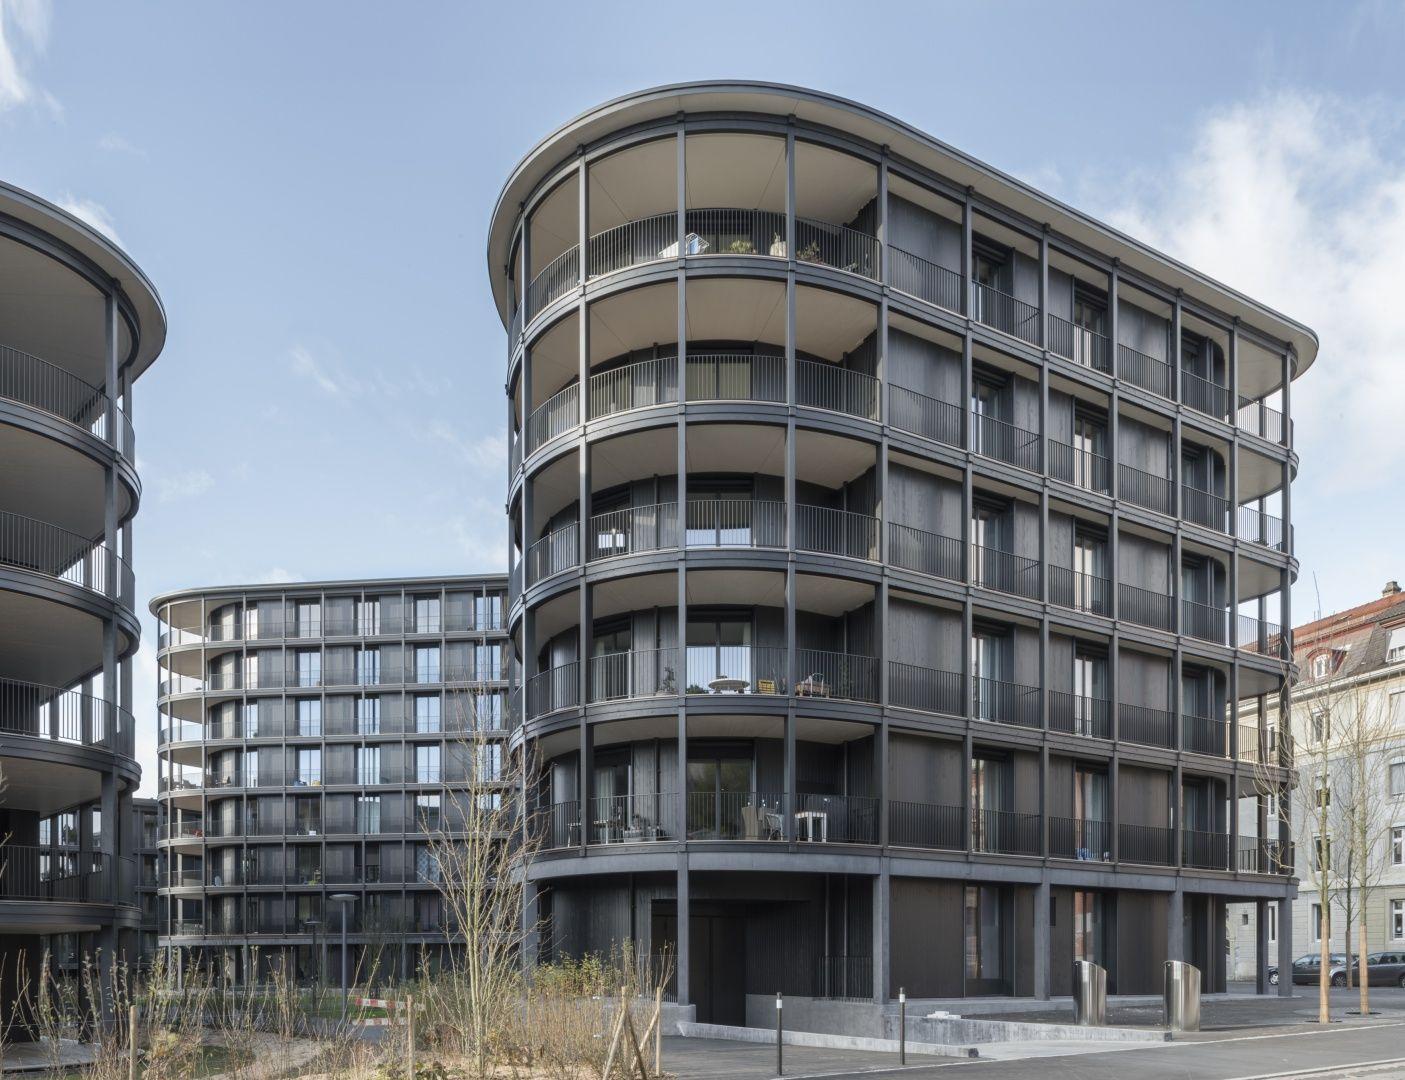 Wohnen am schaffhauserrheinweg basel 2014 - Architektur basel ...